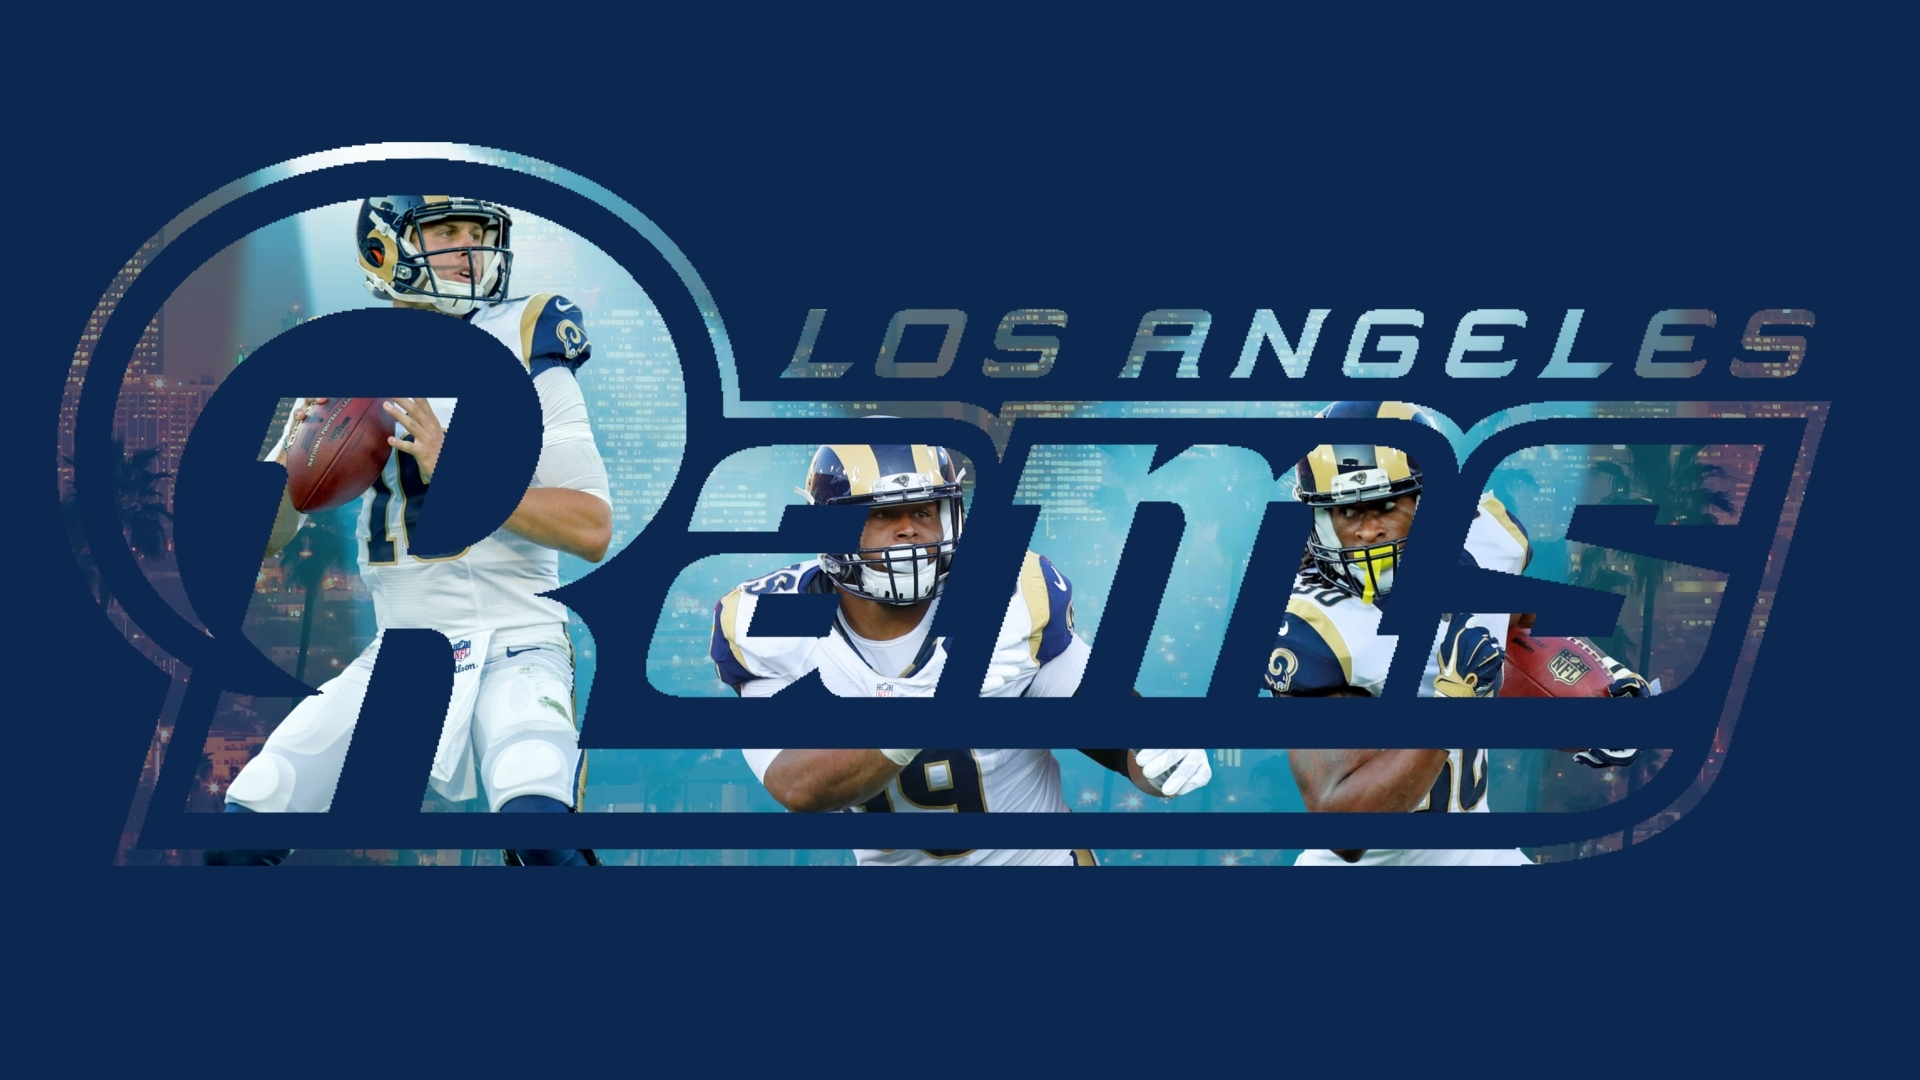 los angeles rams wallpaper high quality photos la logo vector of